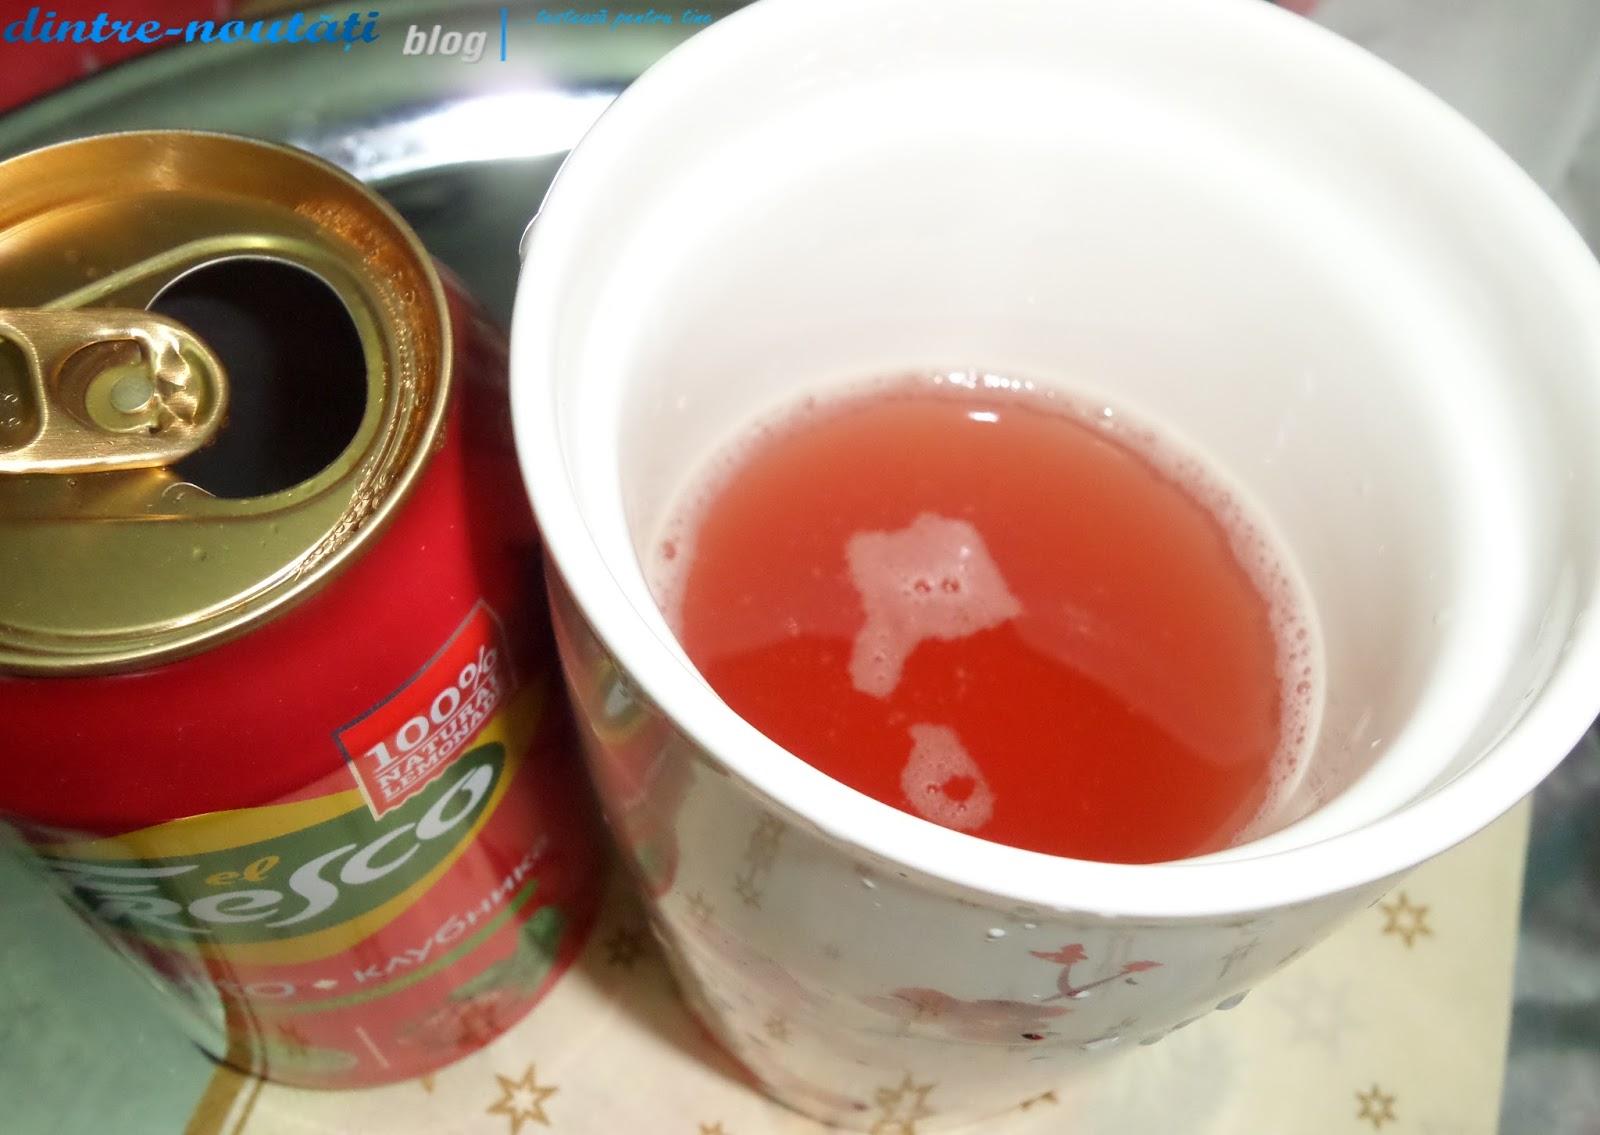 băutură carbogazoasă răcoritoare, aromatizată cu capsuni, mojito, lamaie